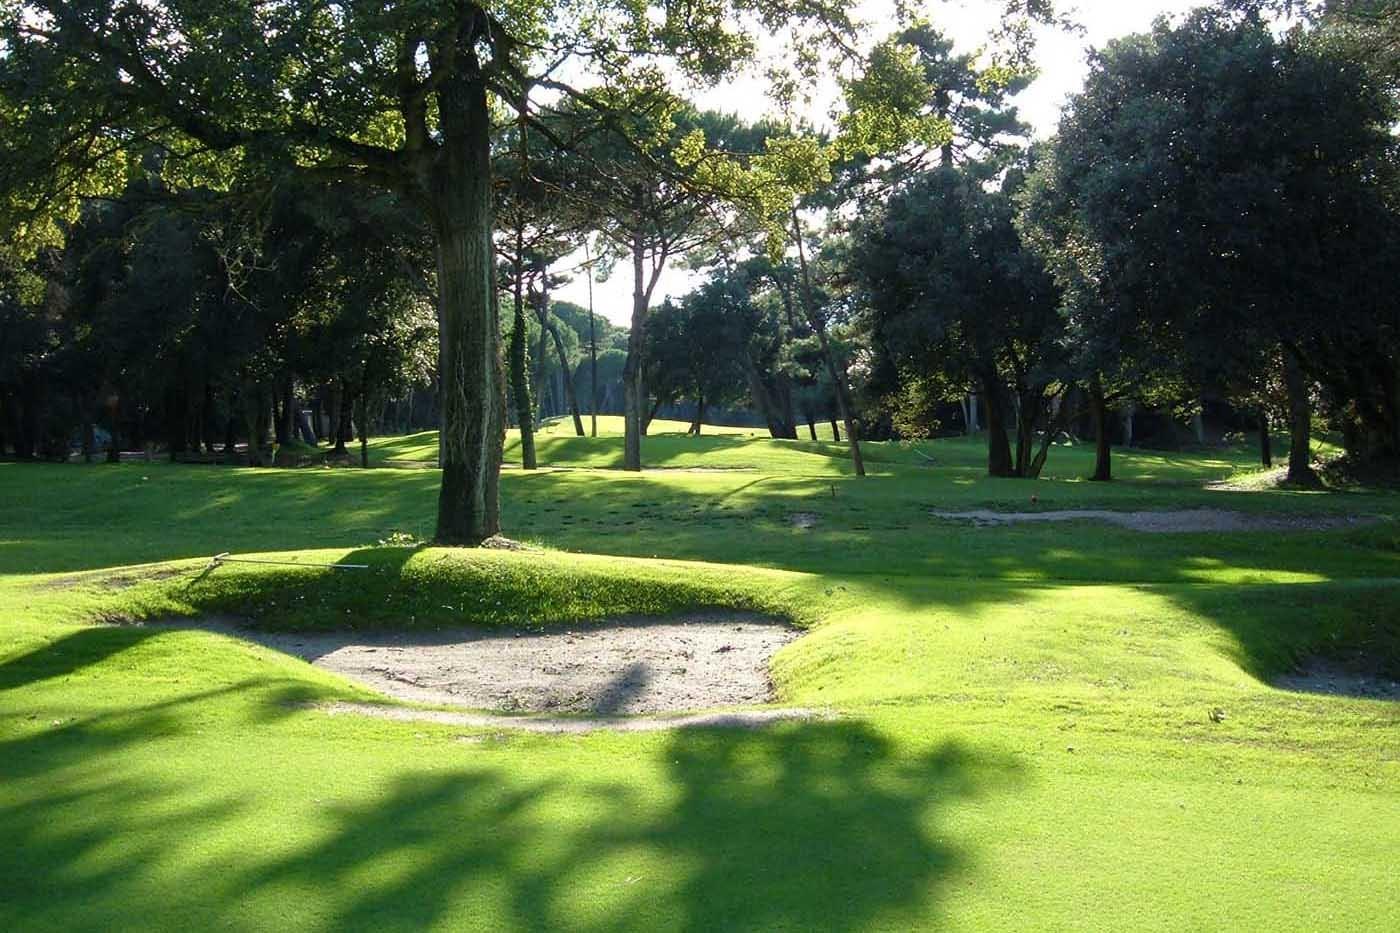 Golf Club Tirrenia gehört zu den schönsten 9-Loch Plätzen Italiens.